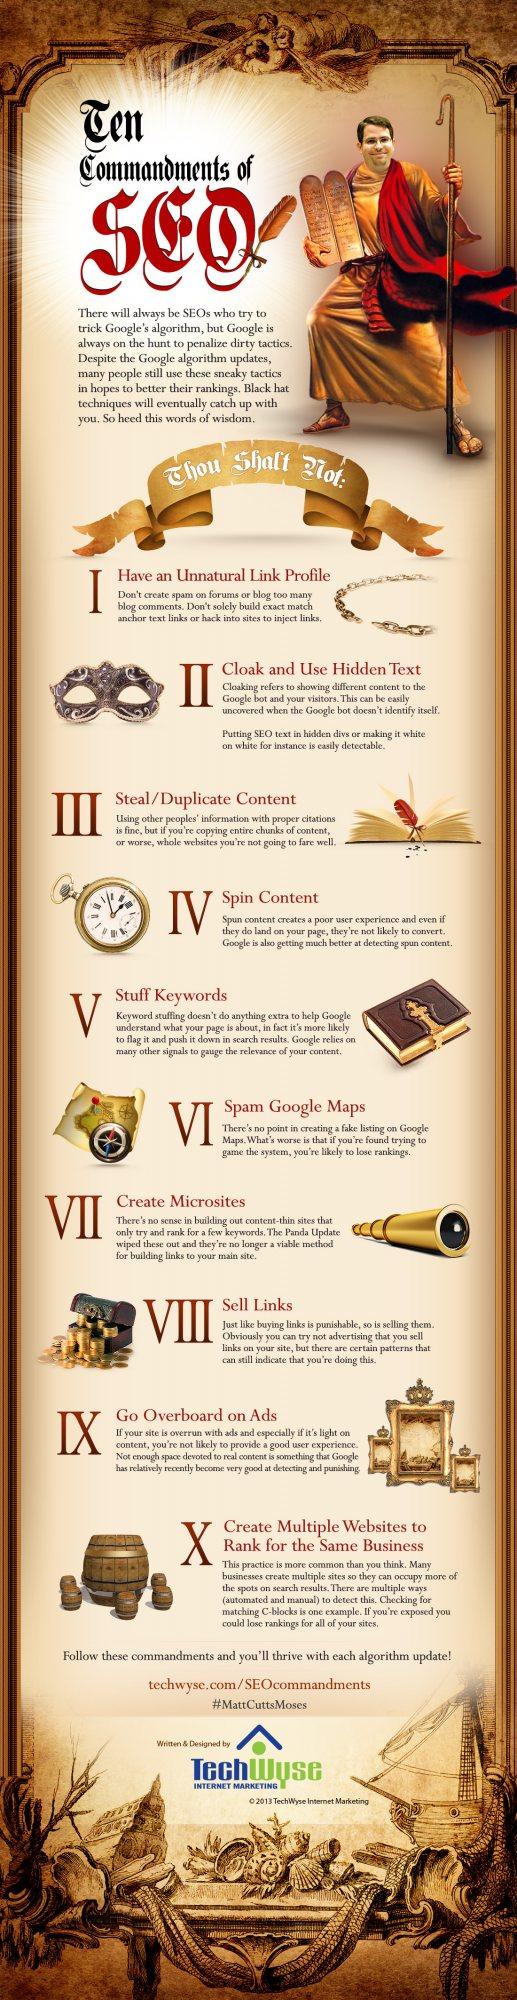 Tien Geboden volgens Matt Cutts